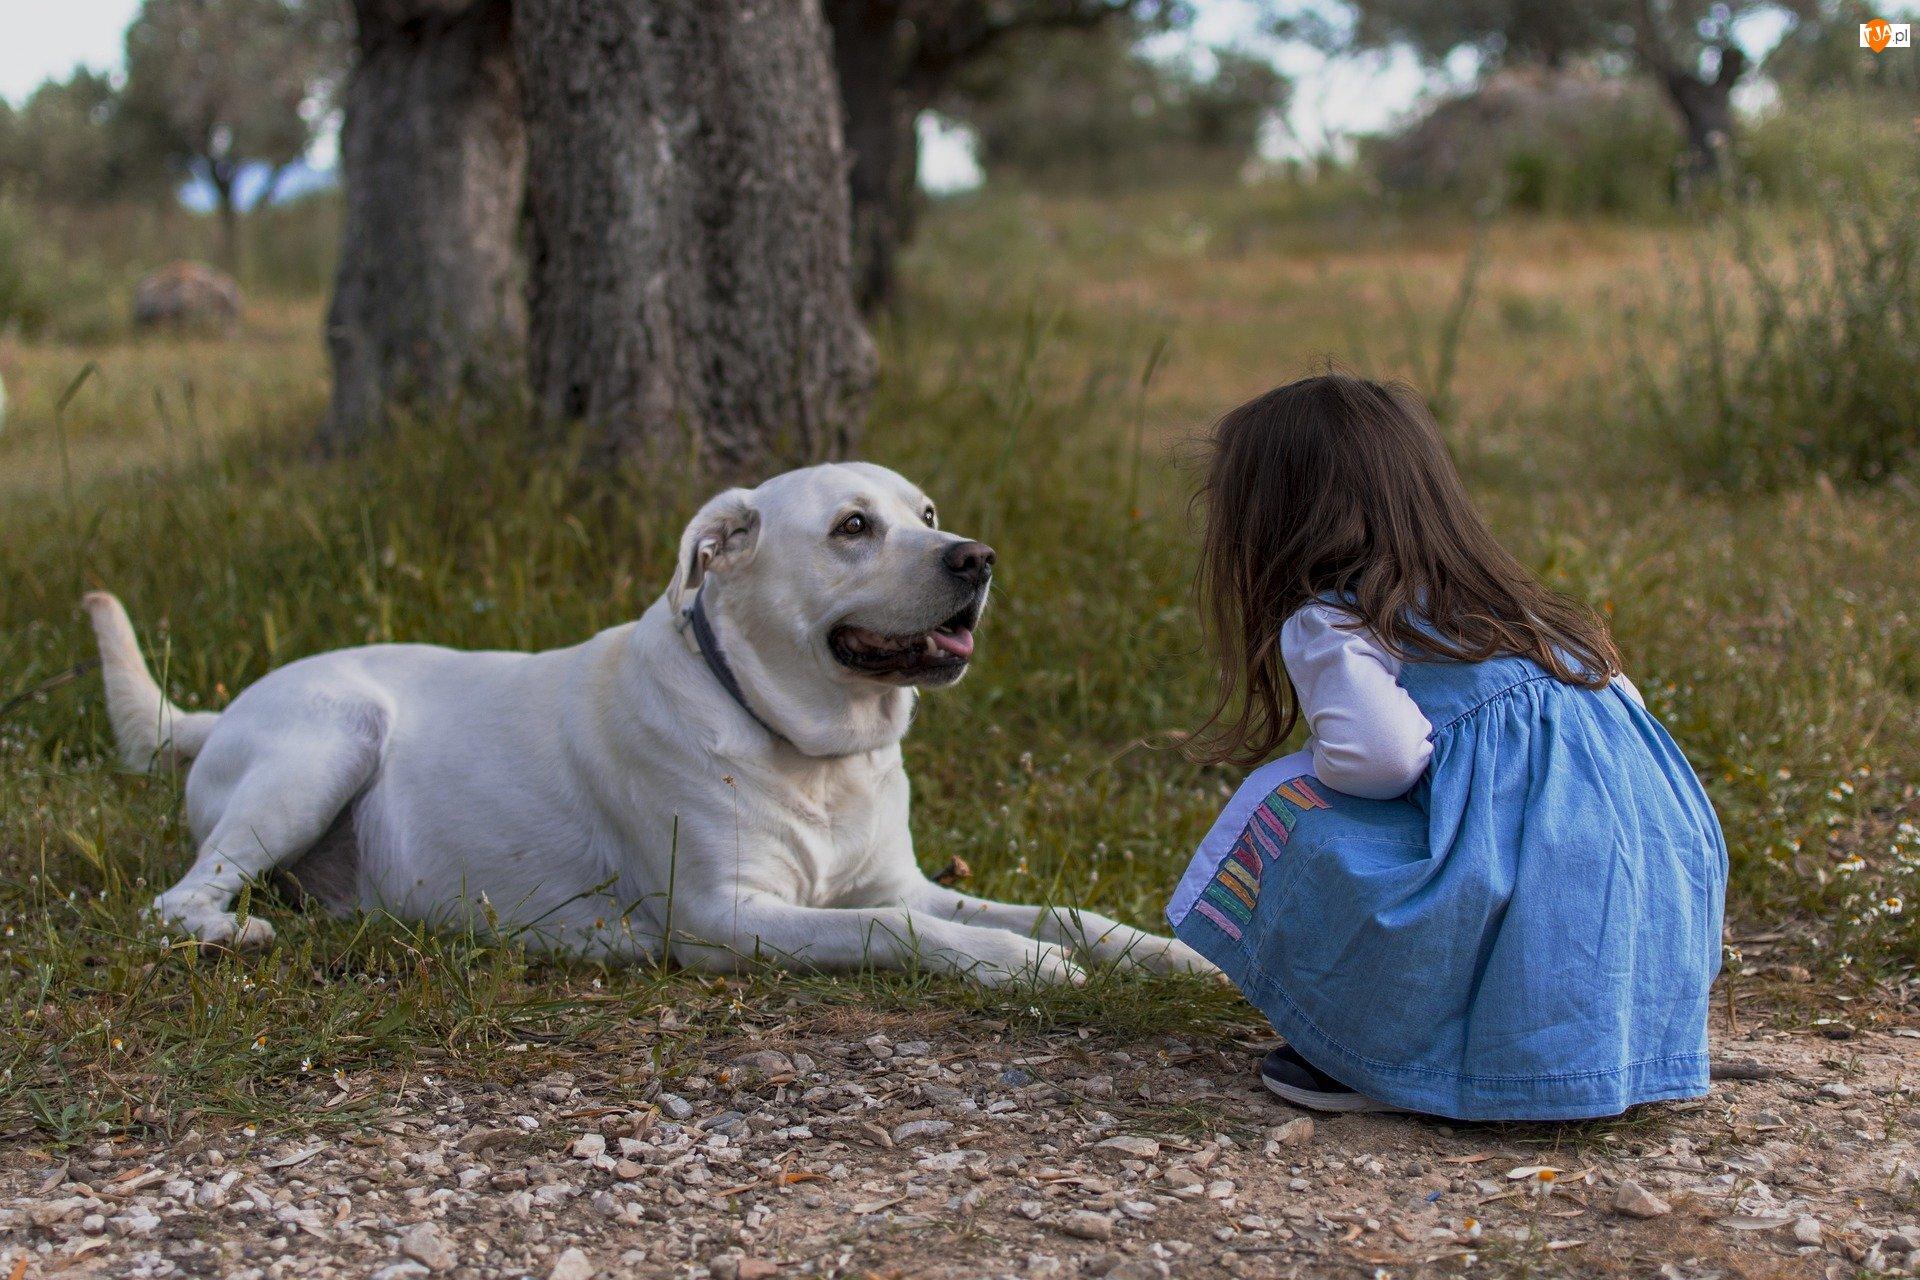 Drzewa, Dziewczynka, Pies, Trawa